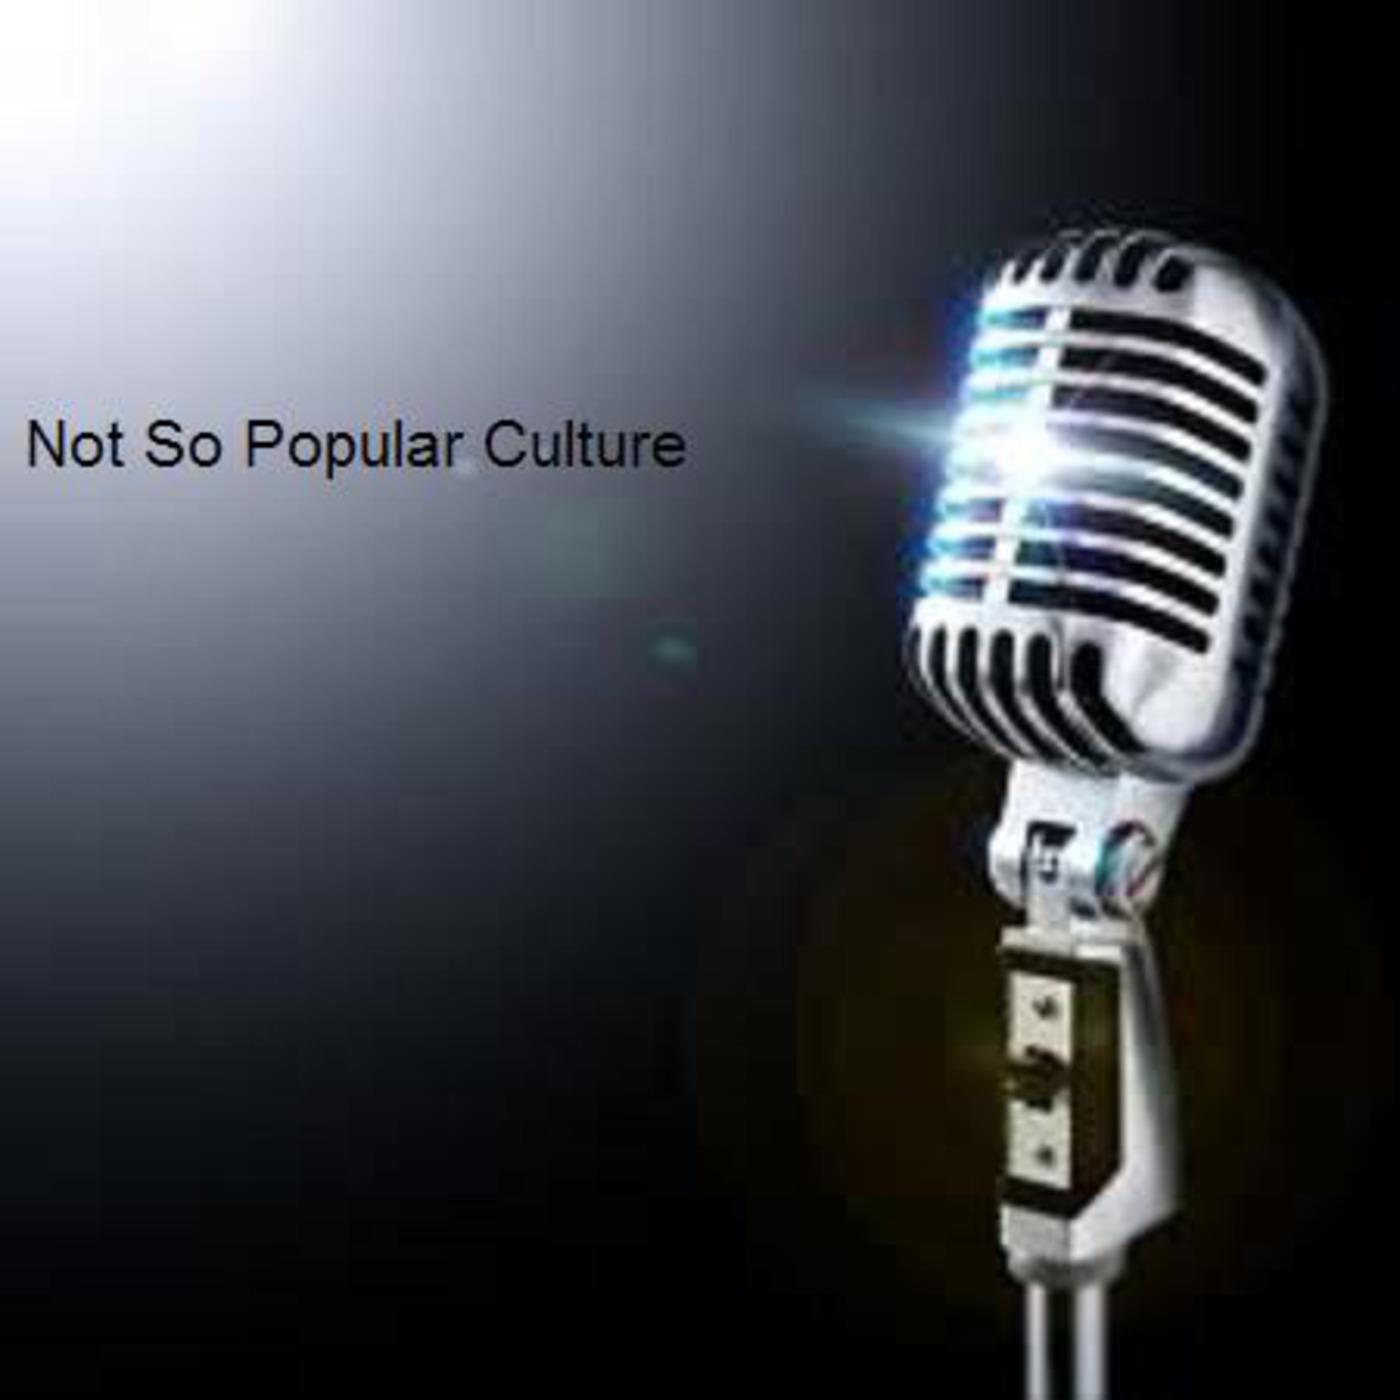 Not So Popular Culture